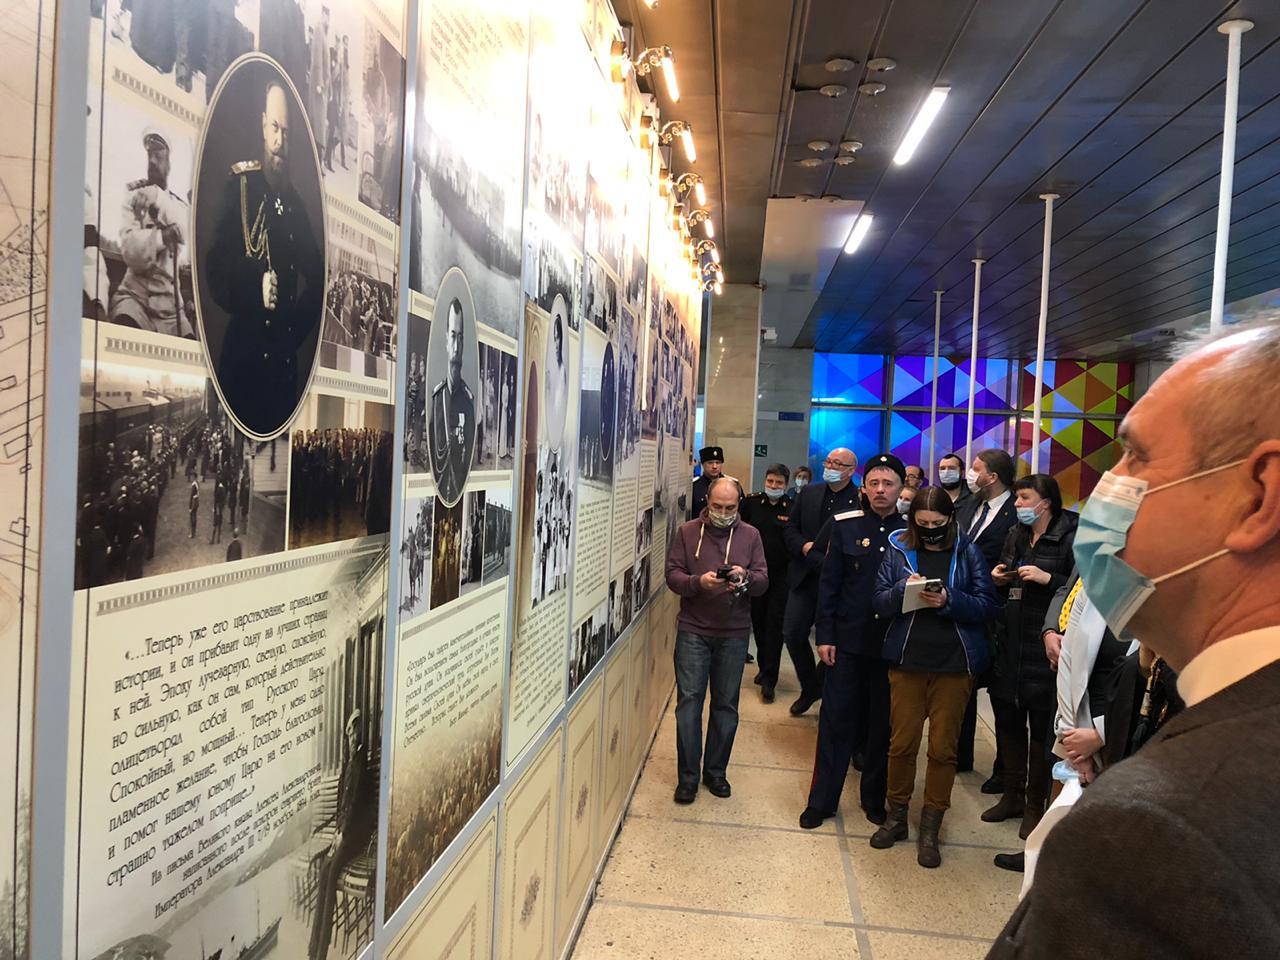 20201121_15-58-В аэропорту Мурманска открылась выставка, посвященная Николаю II-pic1